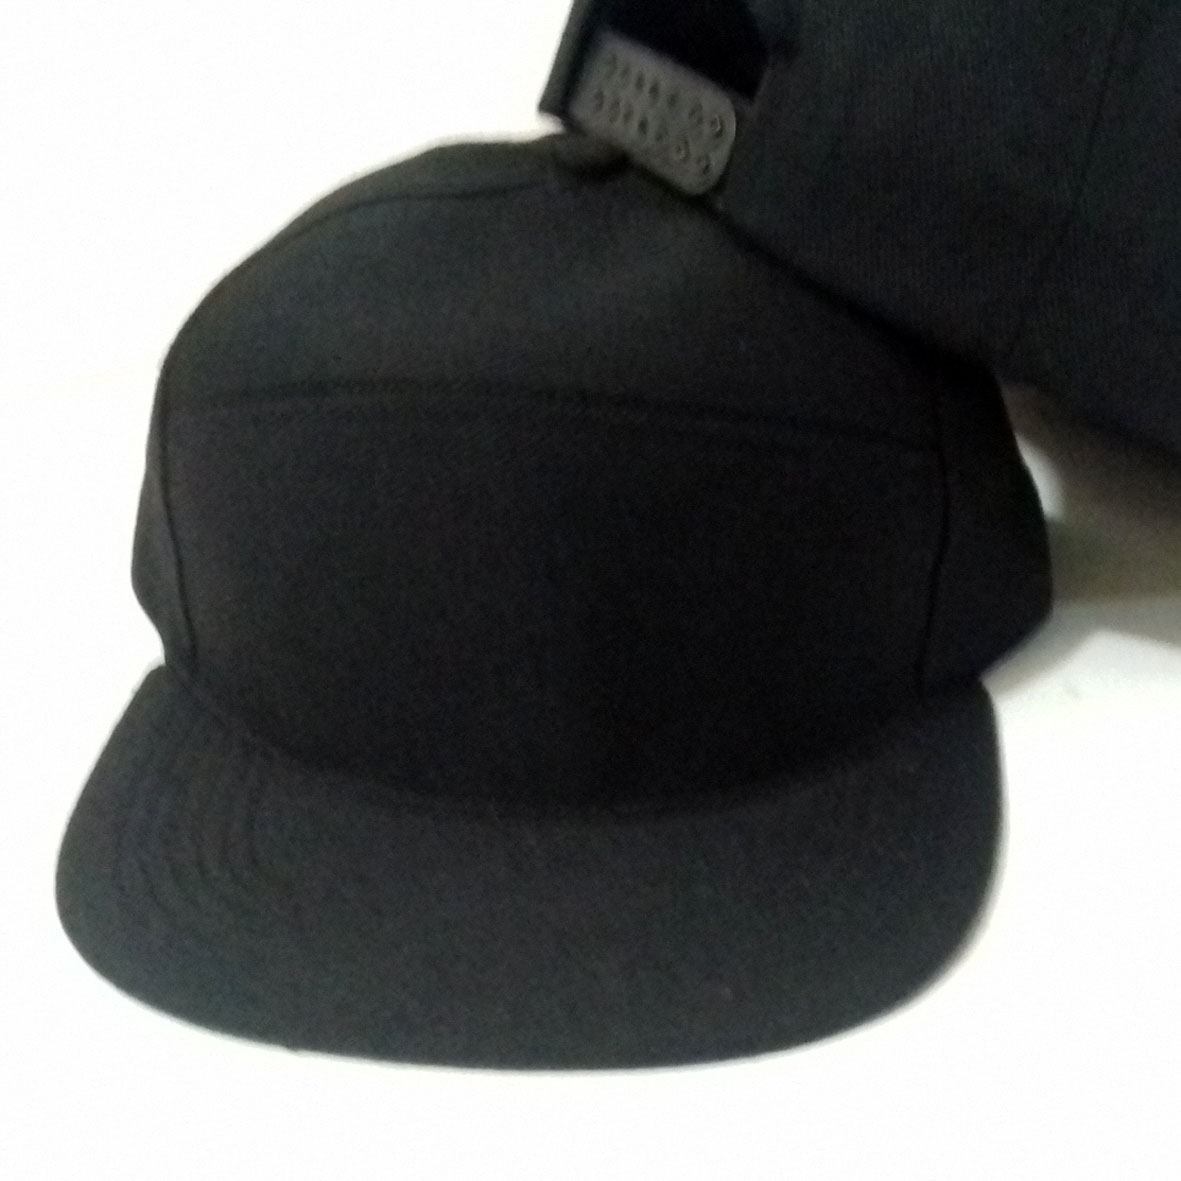 Jual topi snapback polos 5 panel bisa buat sablon dan bordir Diskon ... 168f9adfd9